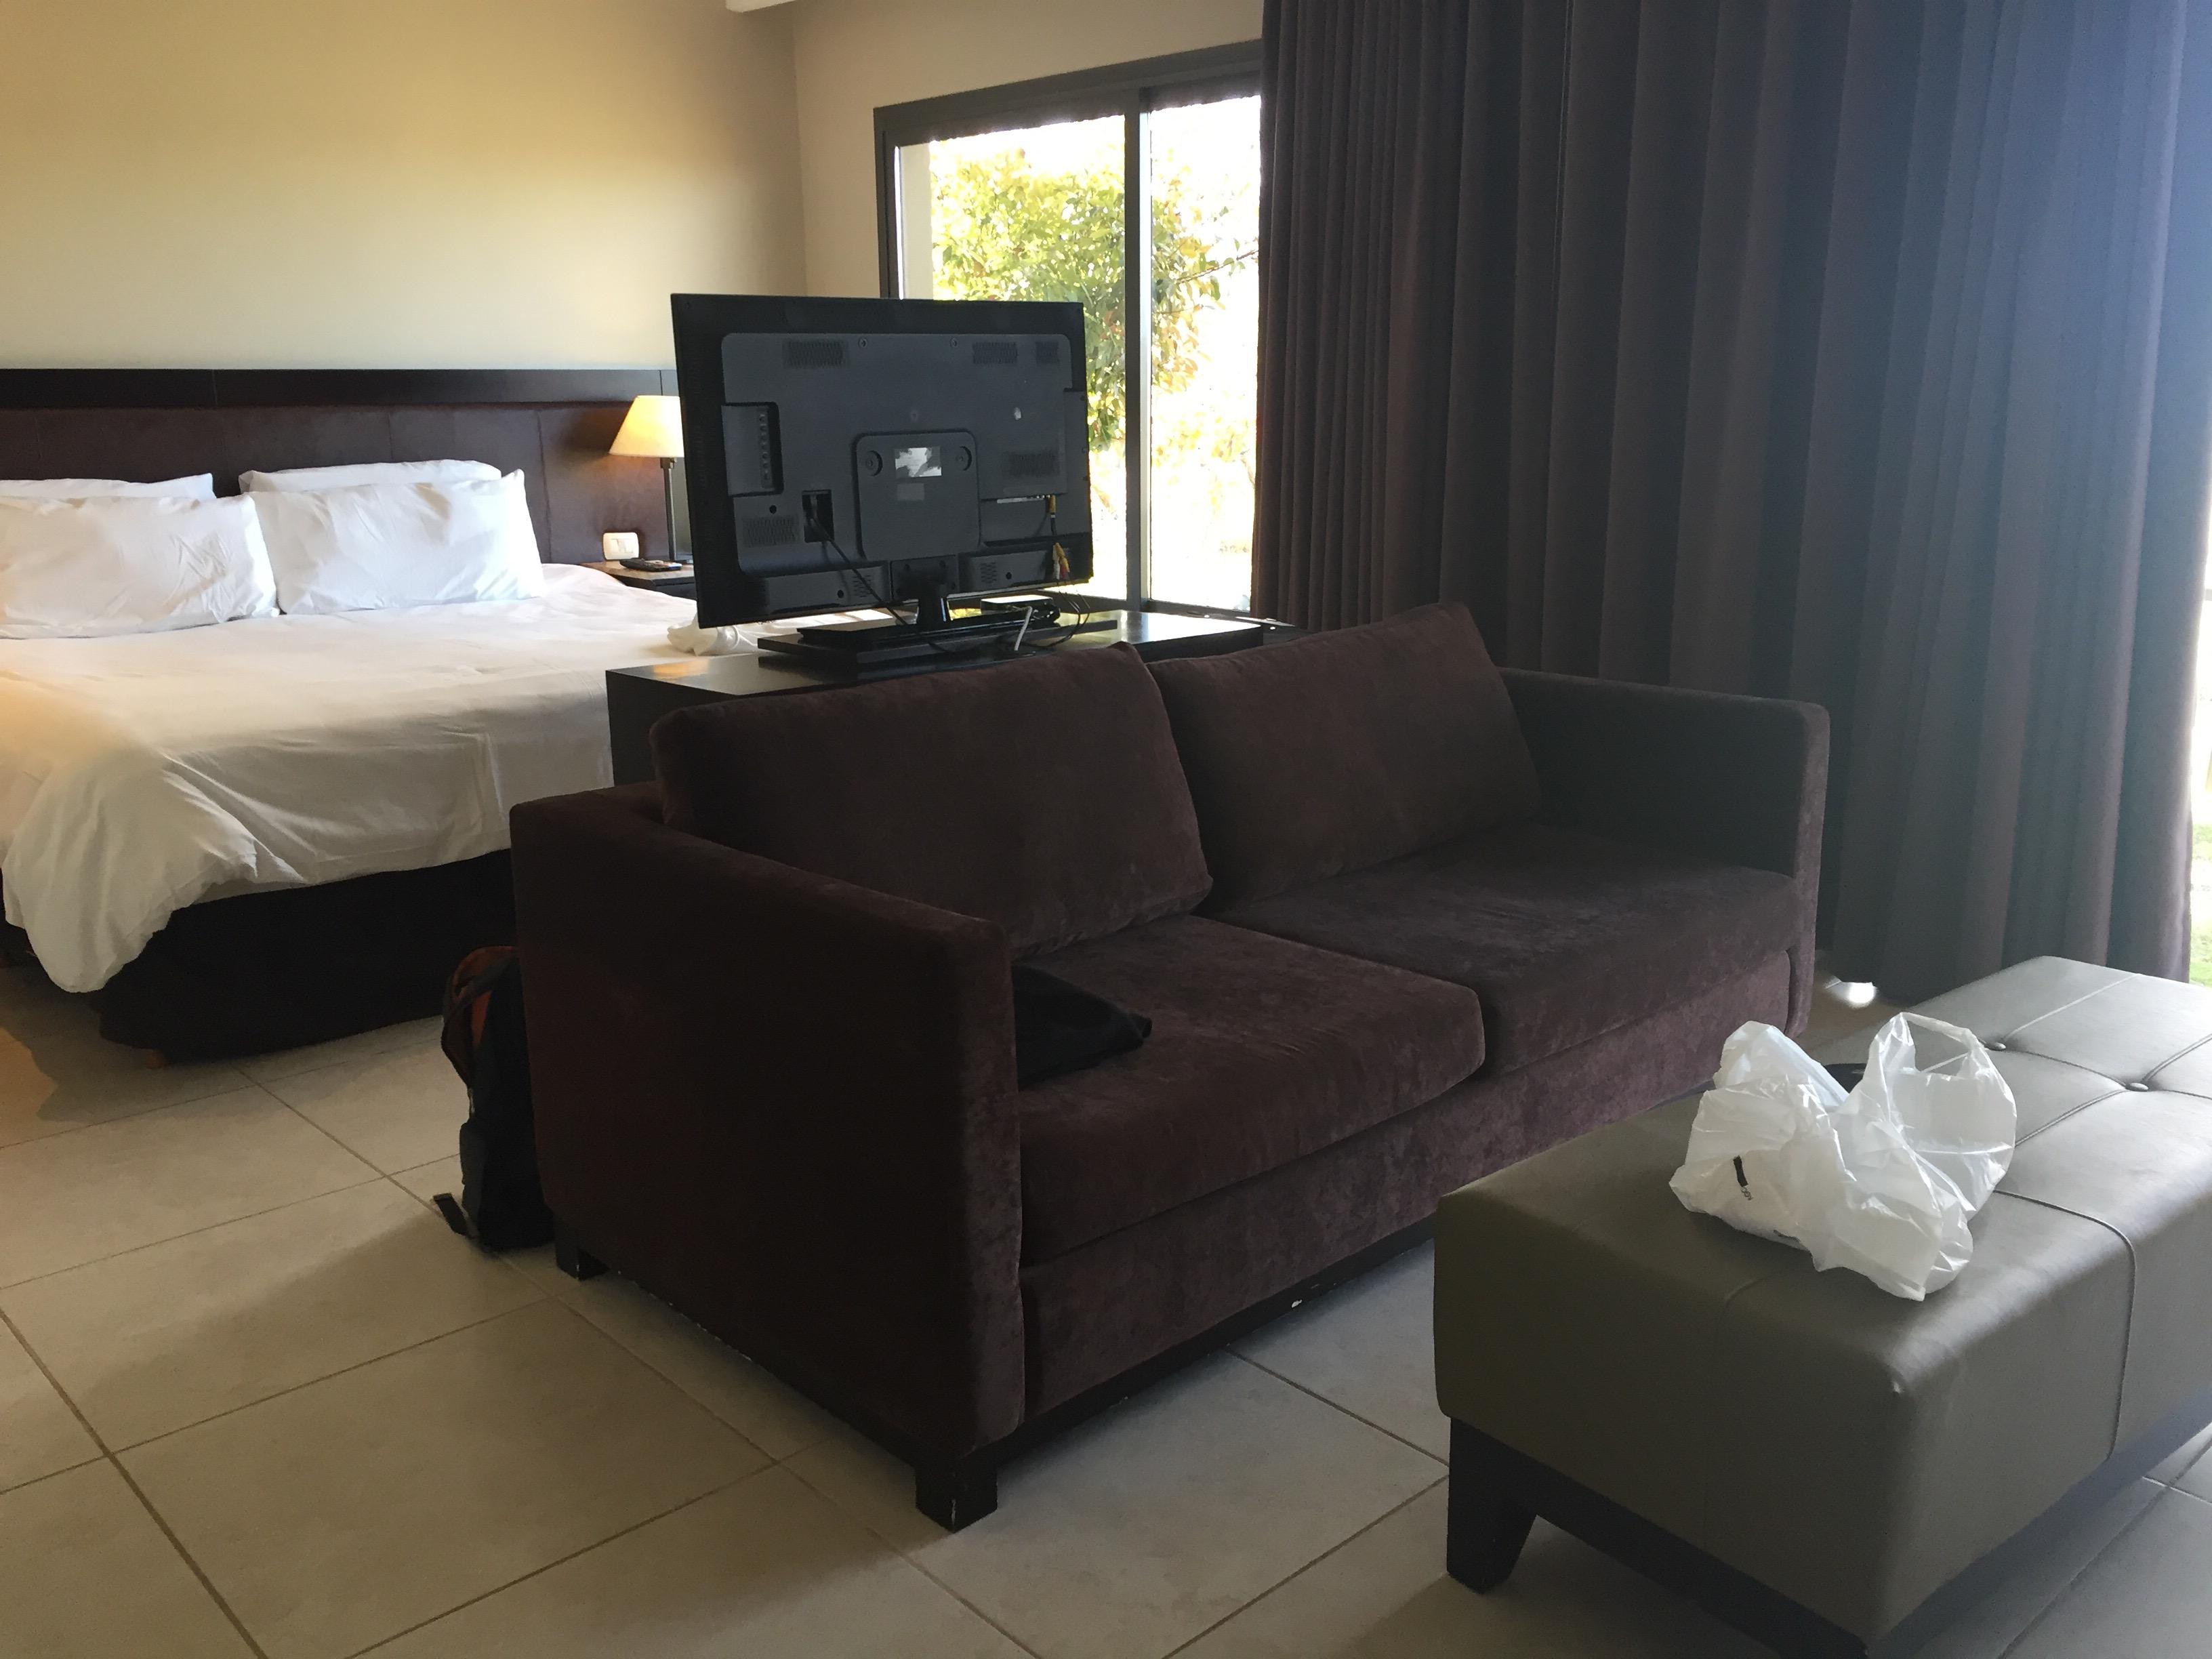 img 8908 - Hotel Auberge du Vin en Mendoza